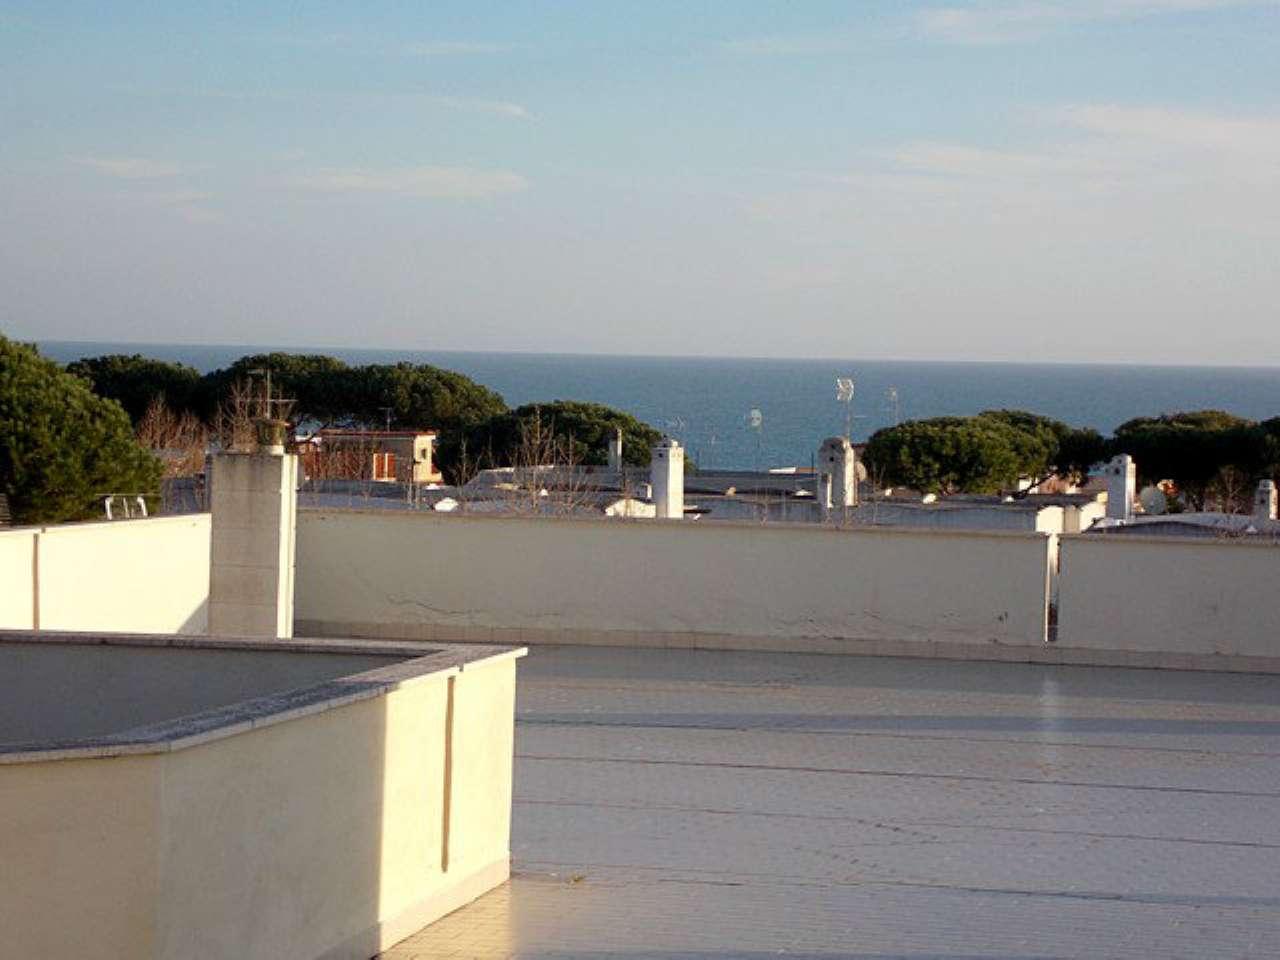 Attico / Mansarda in vendita a Santa Marinella, 3 locali, prezzo € 189.000 | CambioCasa.it